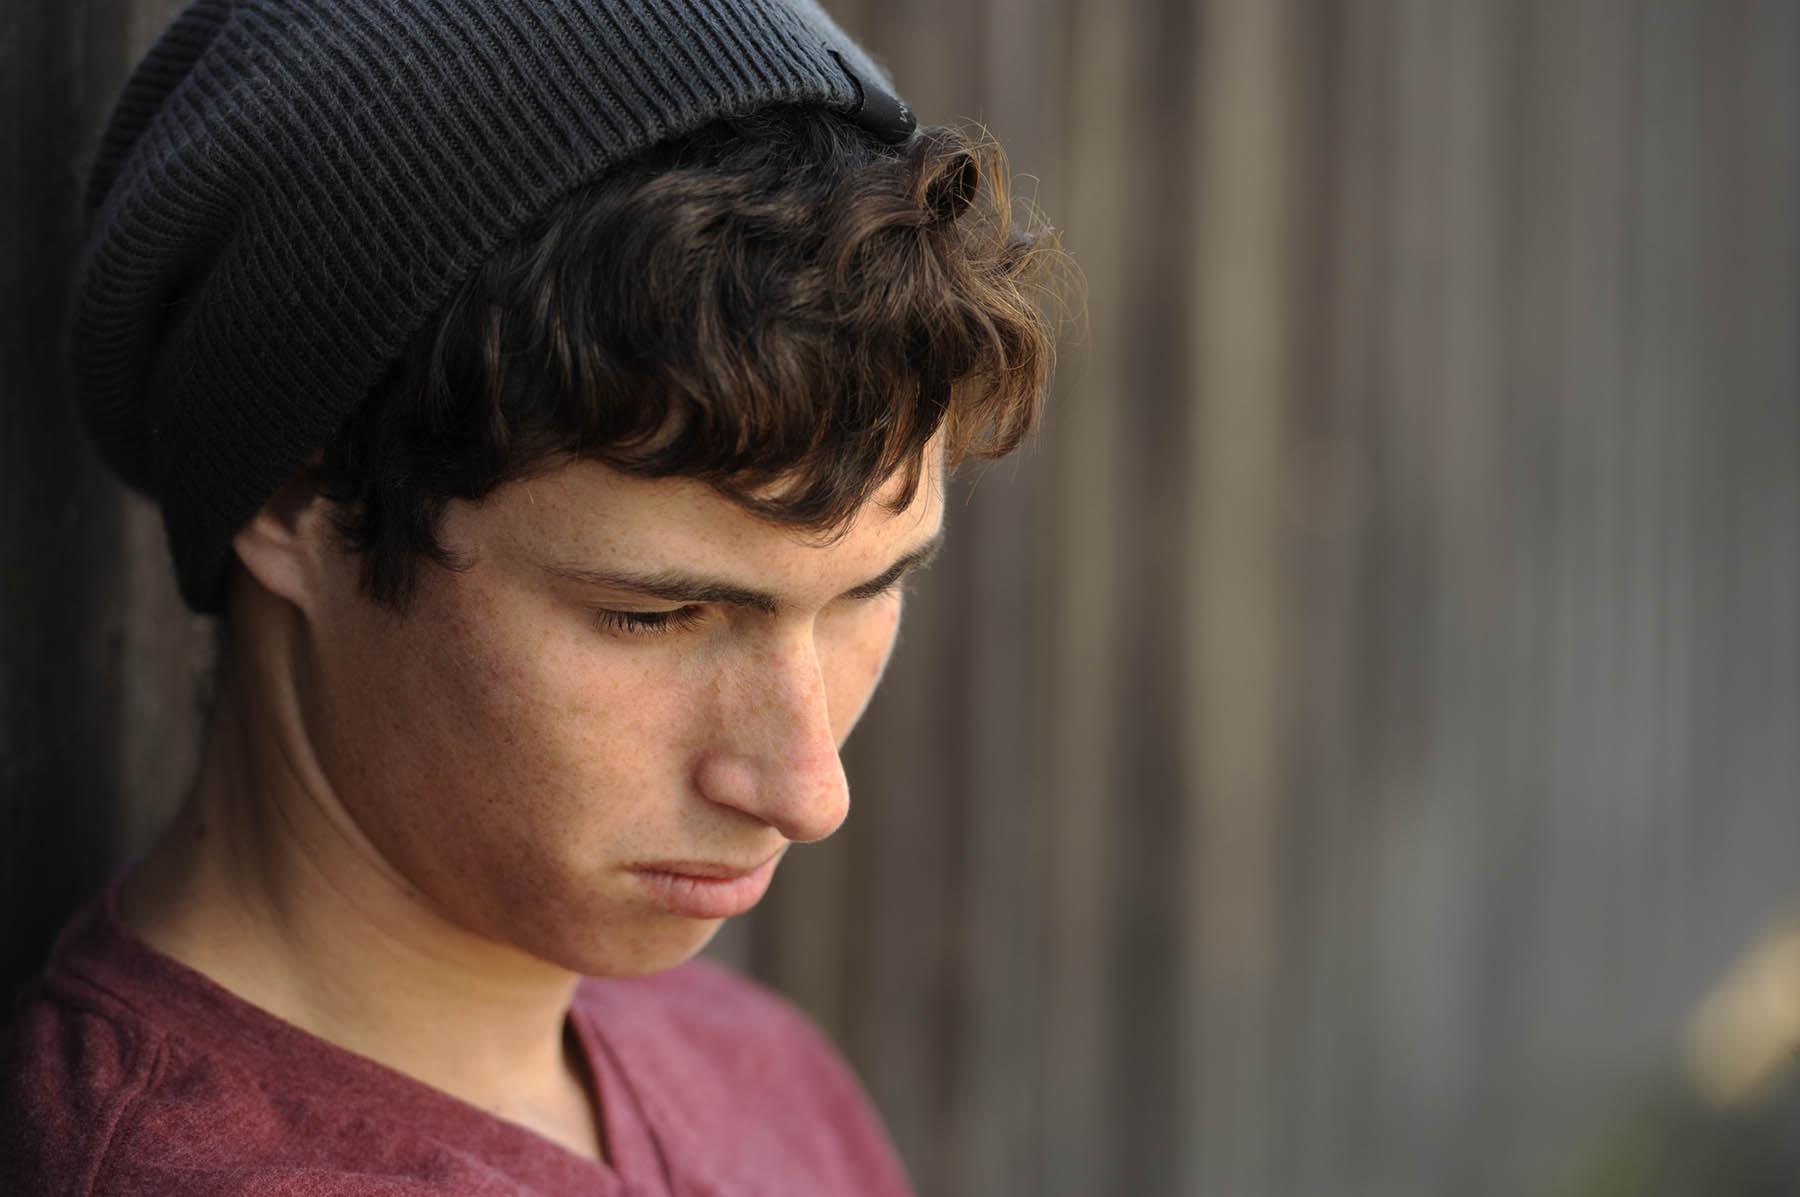 افسردگی در نوجوانان، علائم و دلایل آن